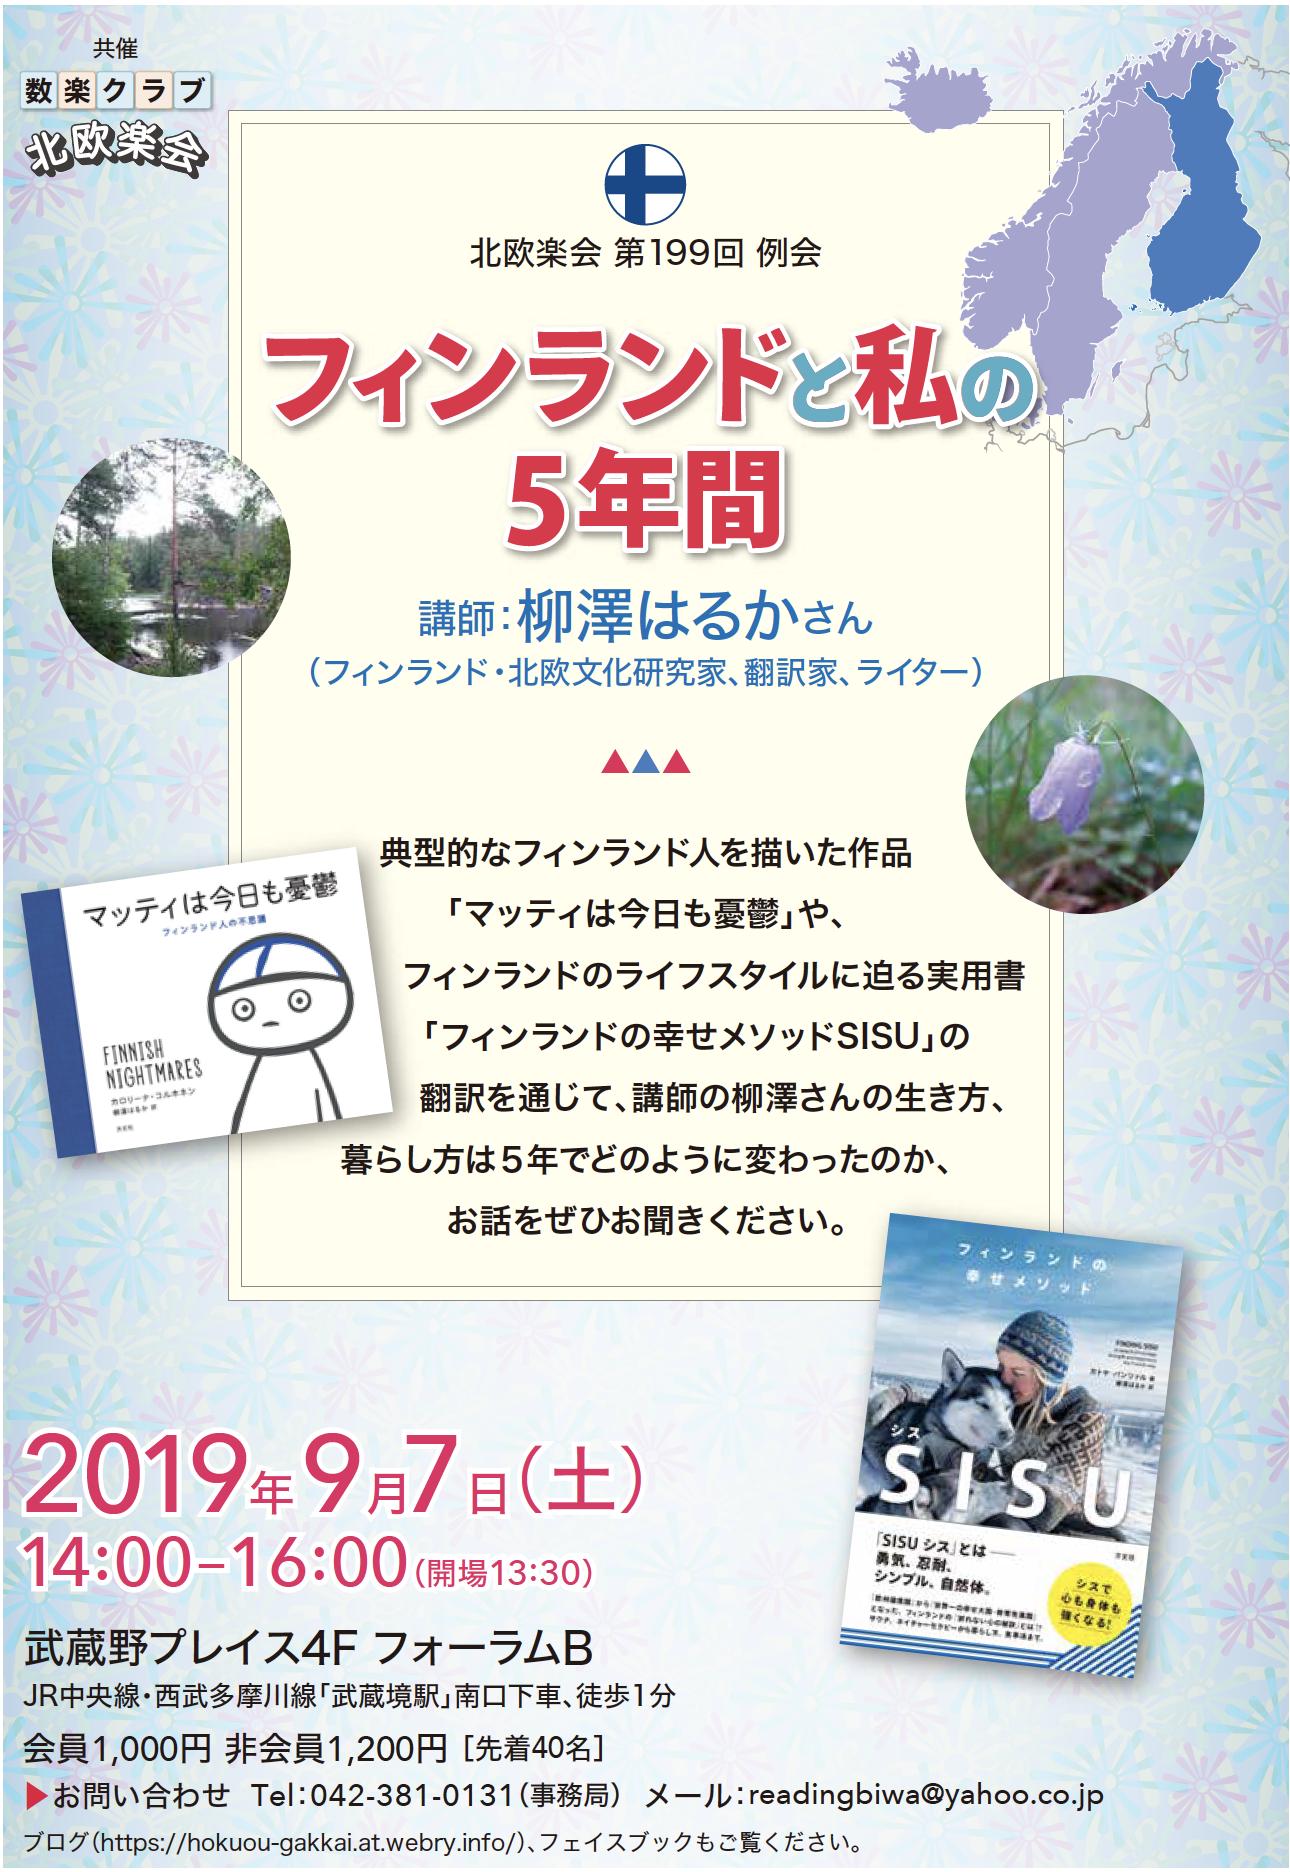 スクリーンショット 2019-08-09 11.42.40.png